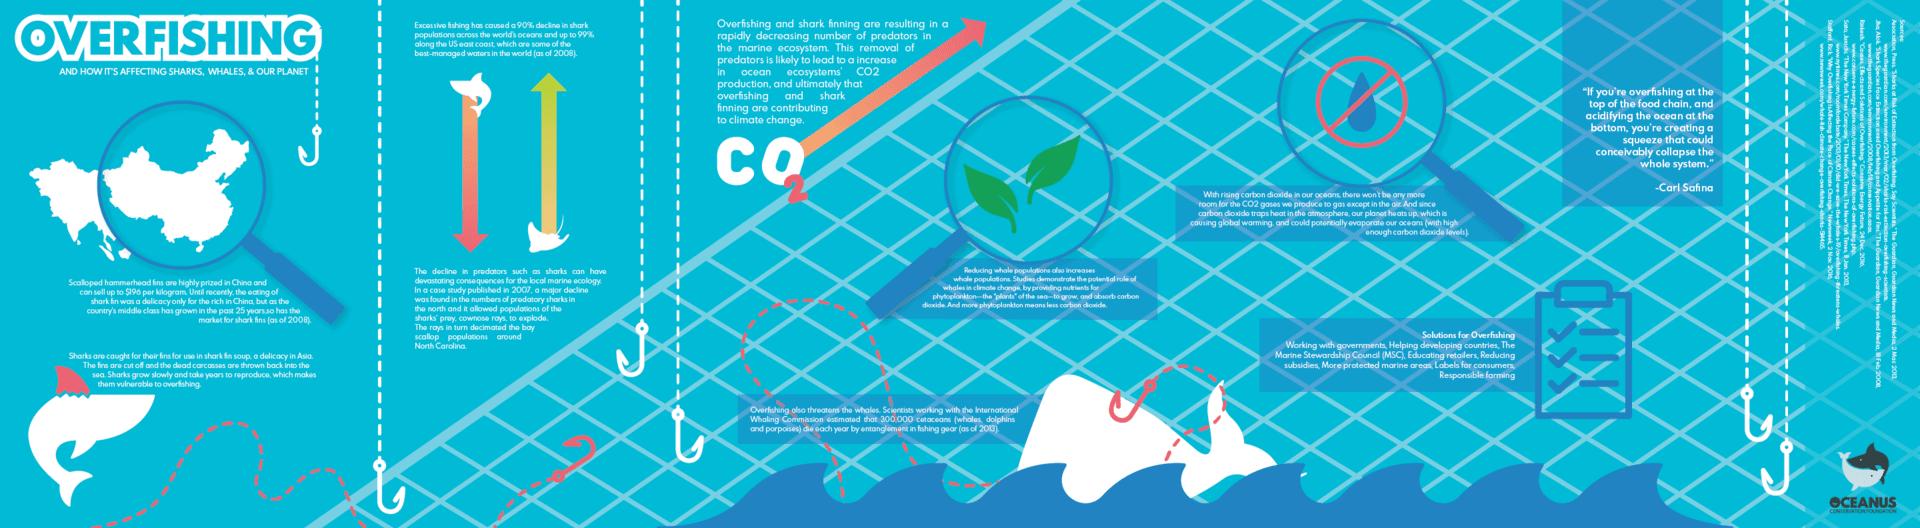 Overfishing Infographic